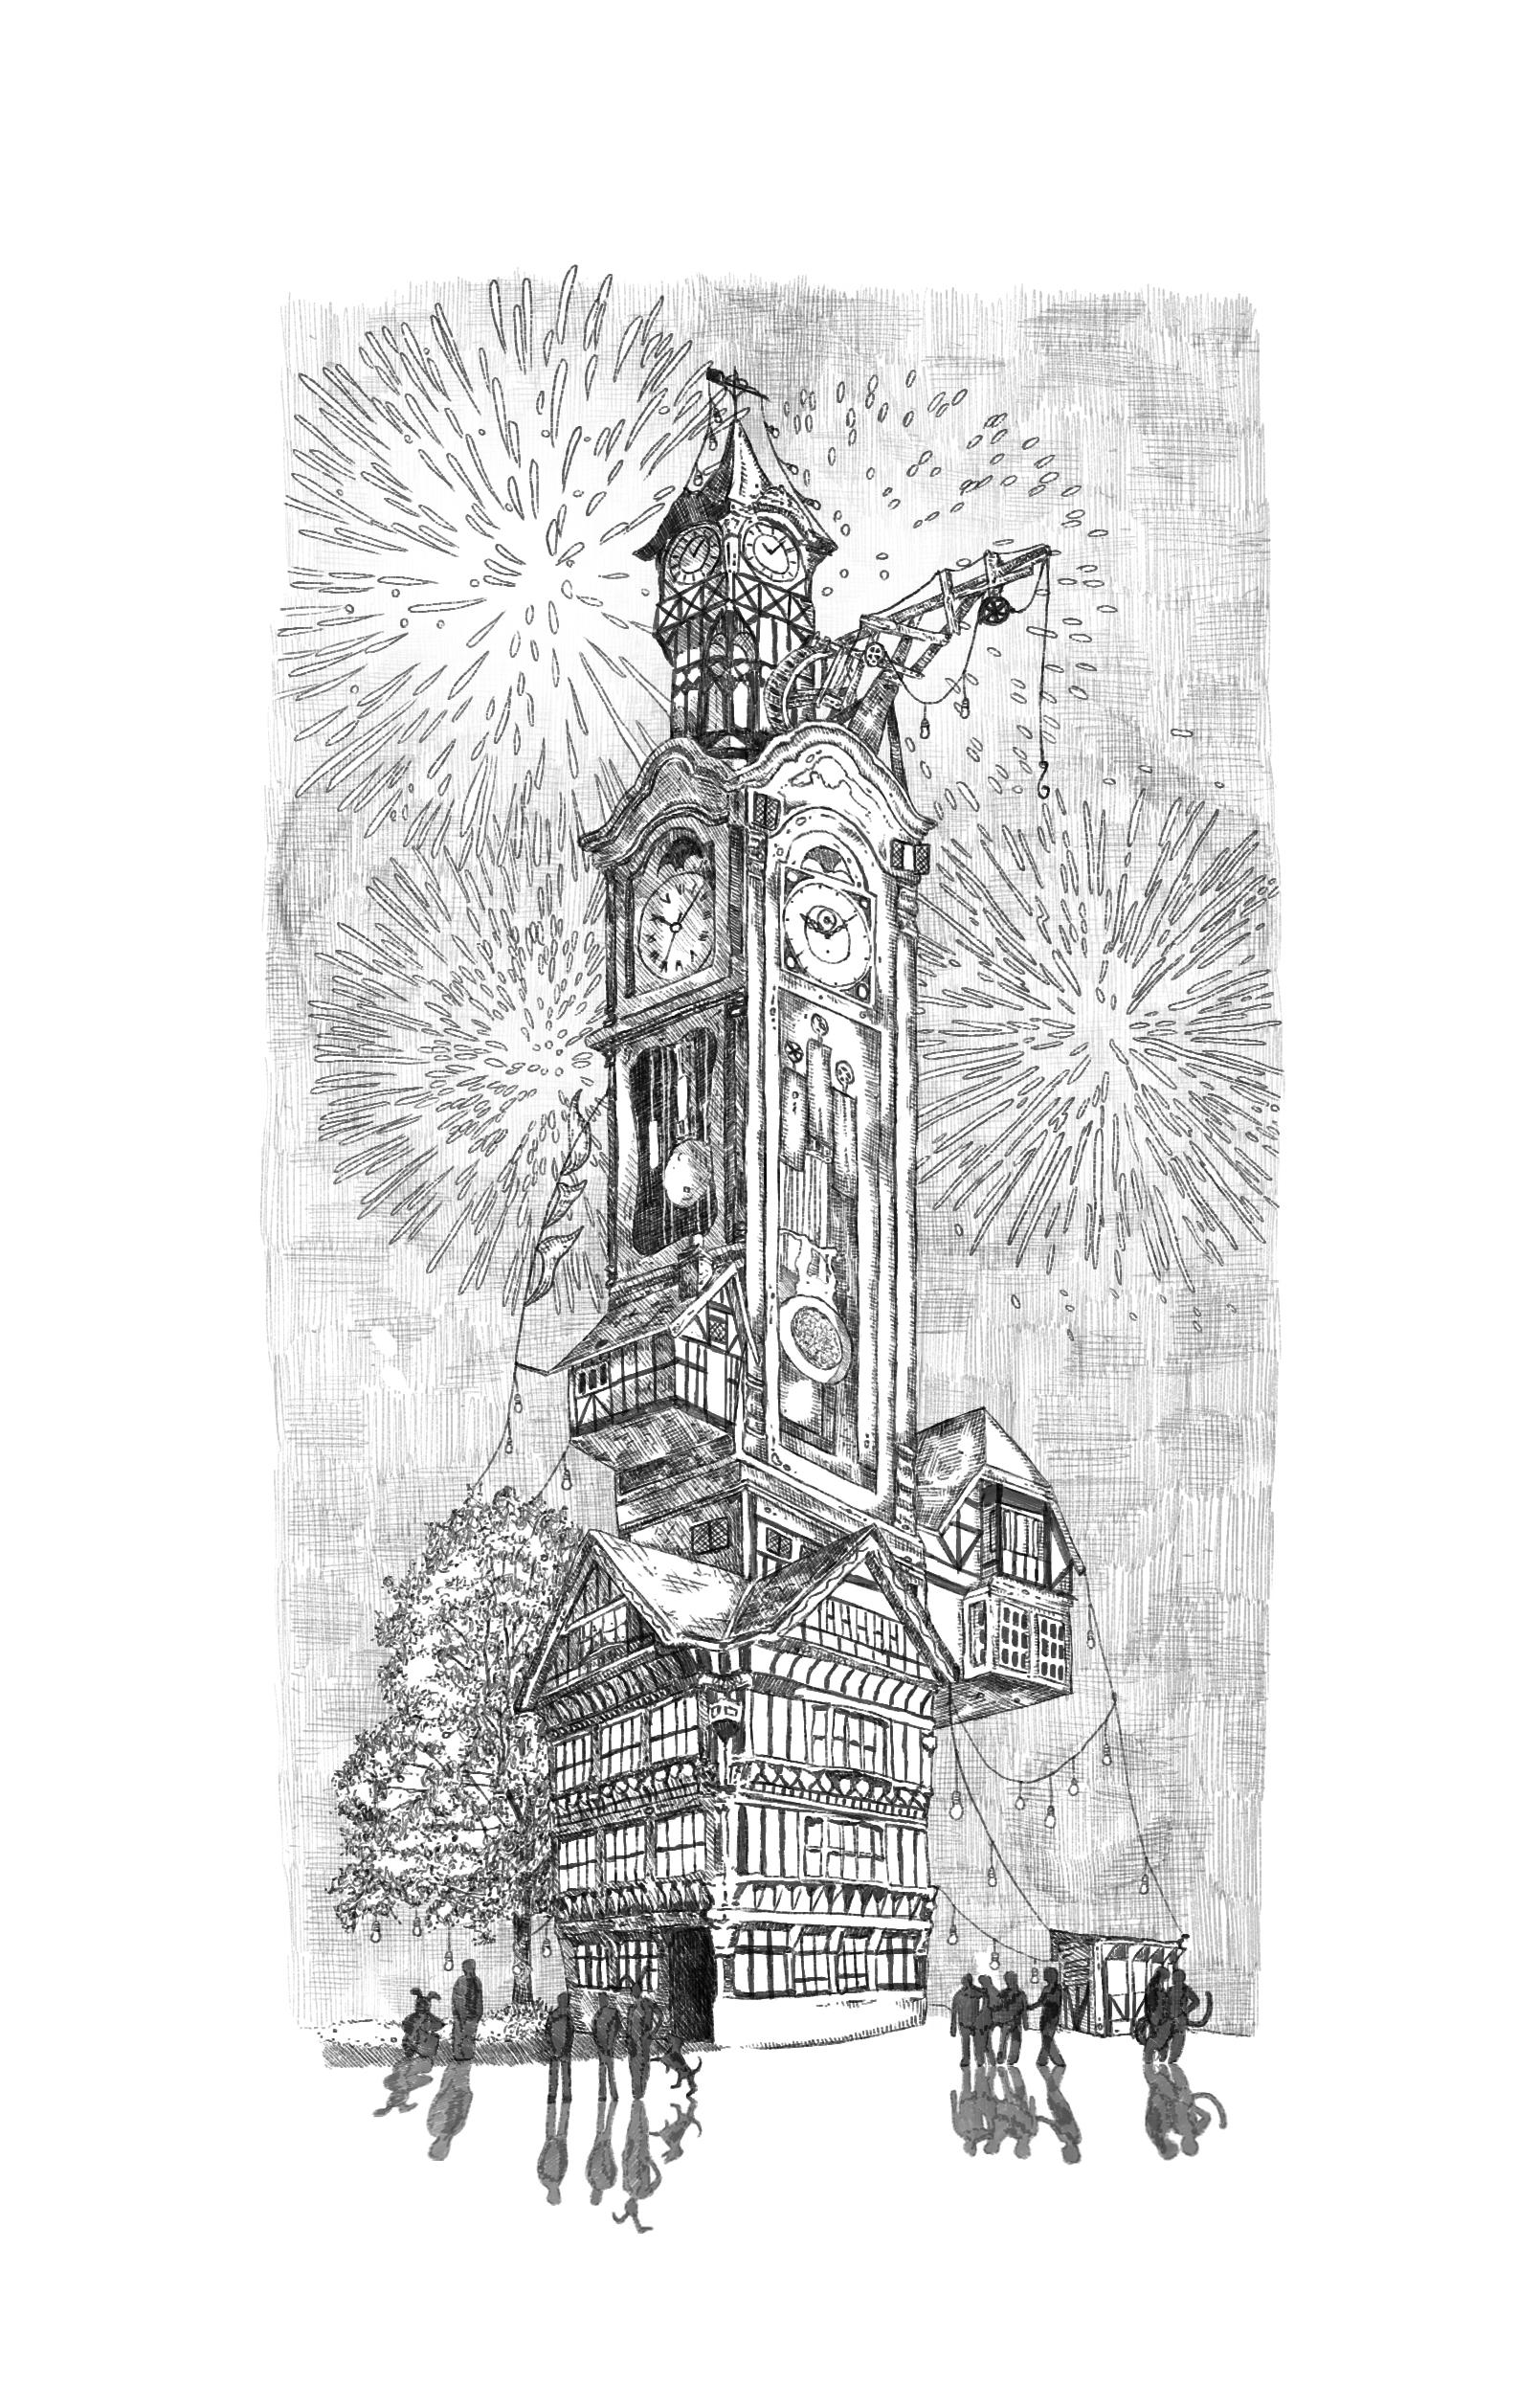 Clock towerfireworks.jpg